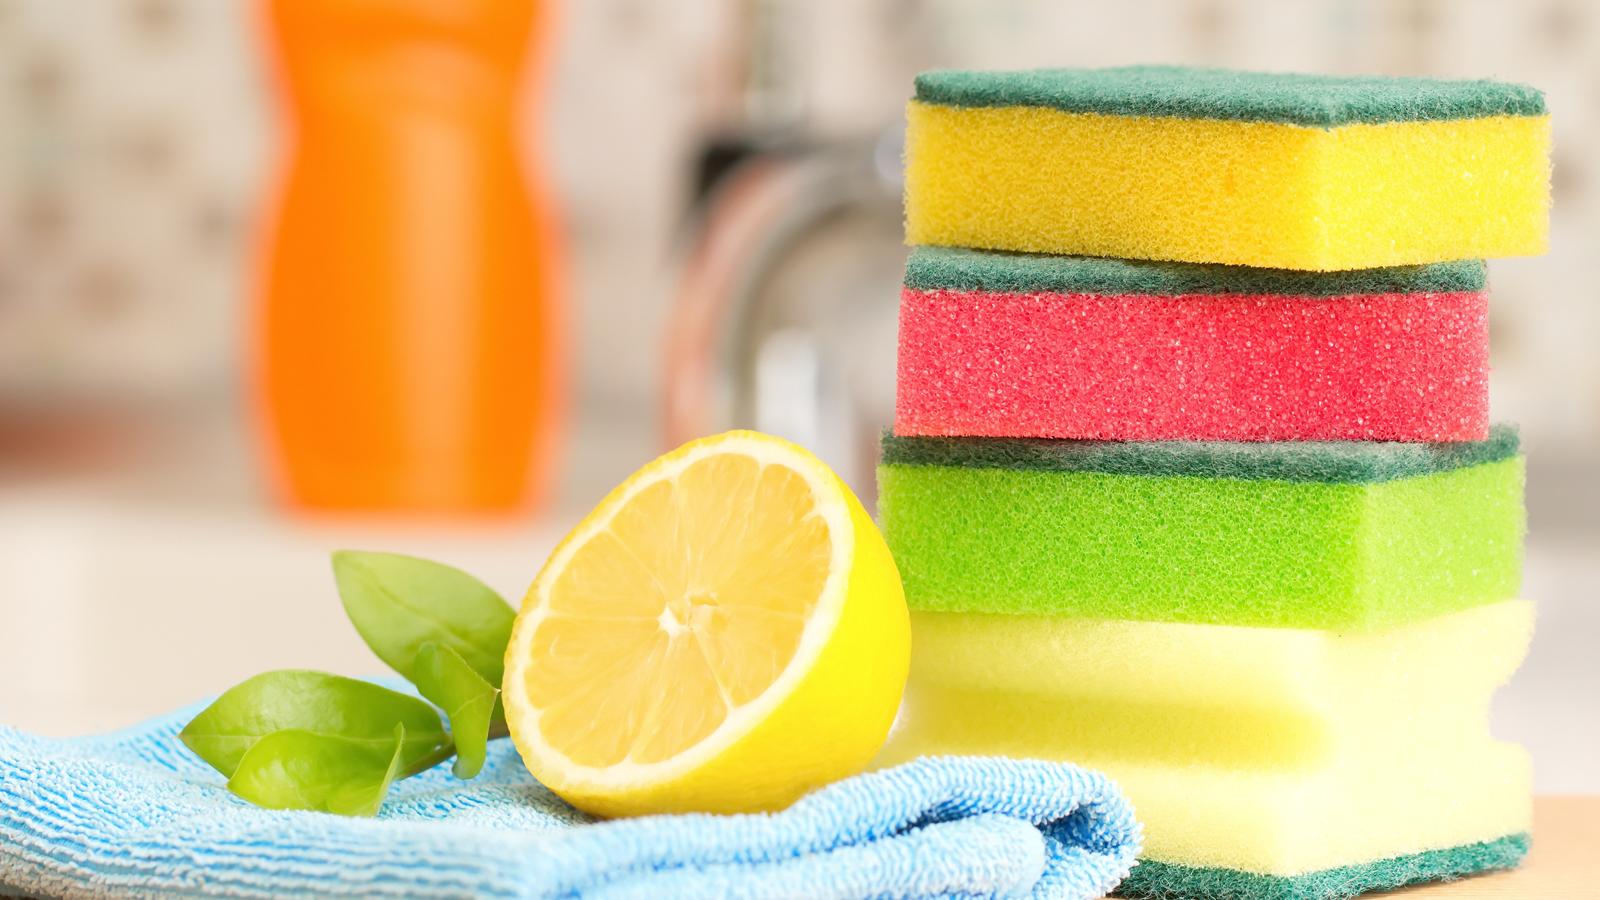 Fabulous Waschmaschine reinigen: Essig, Natron & Co. als Hausmittel zur LZ39